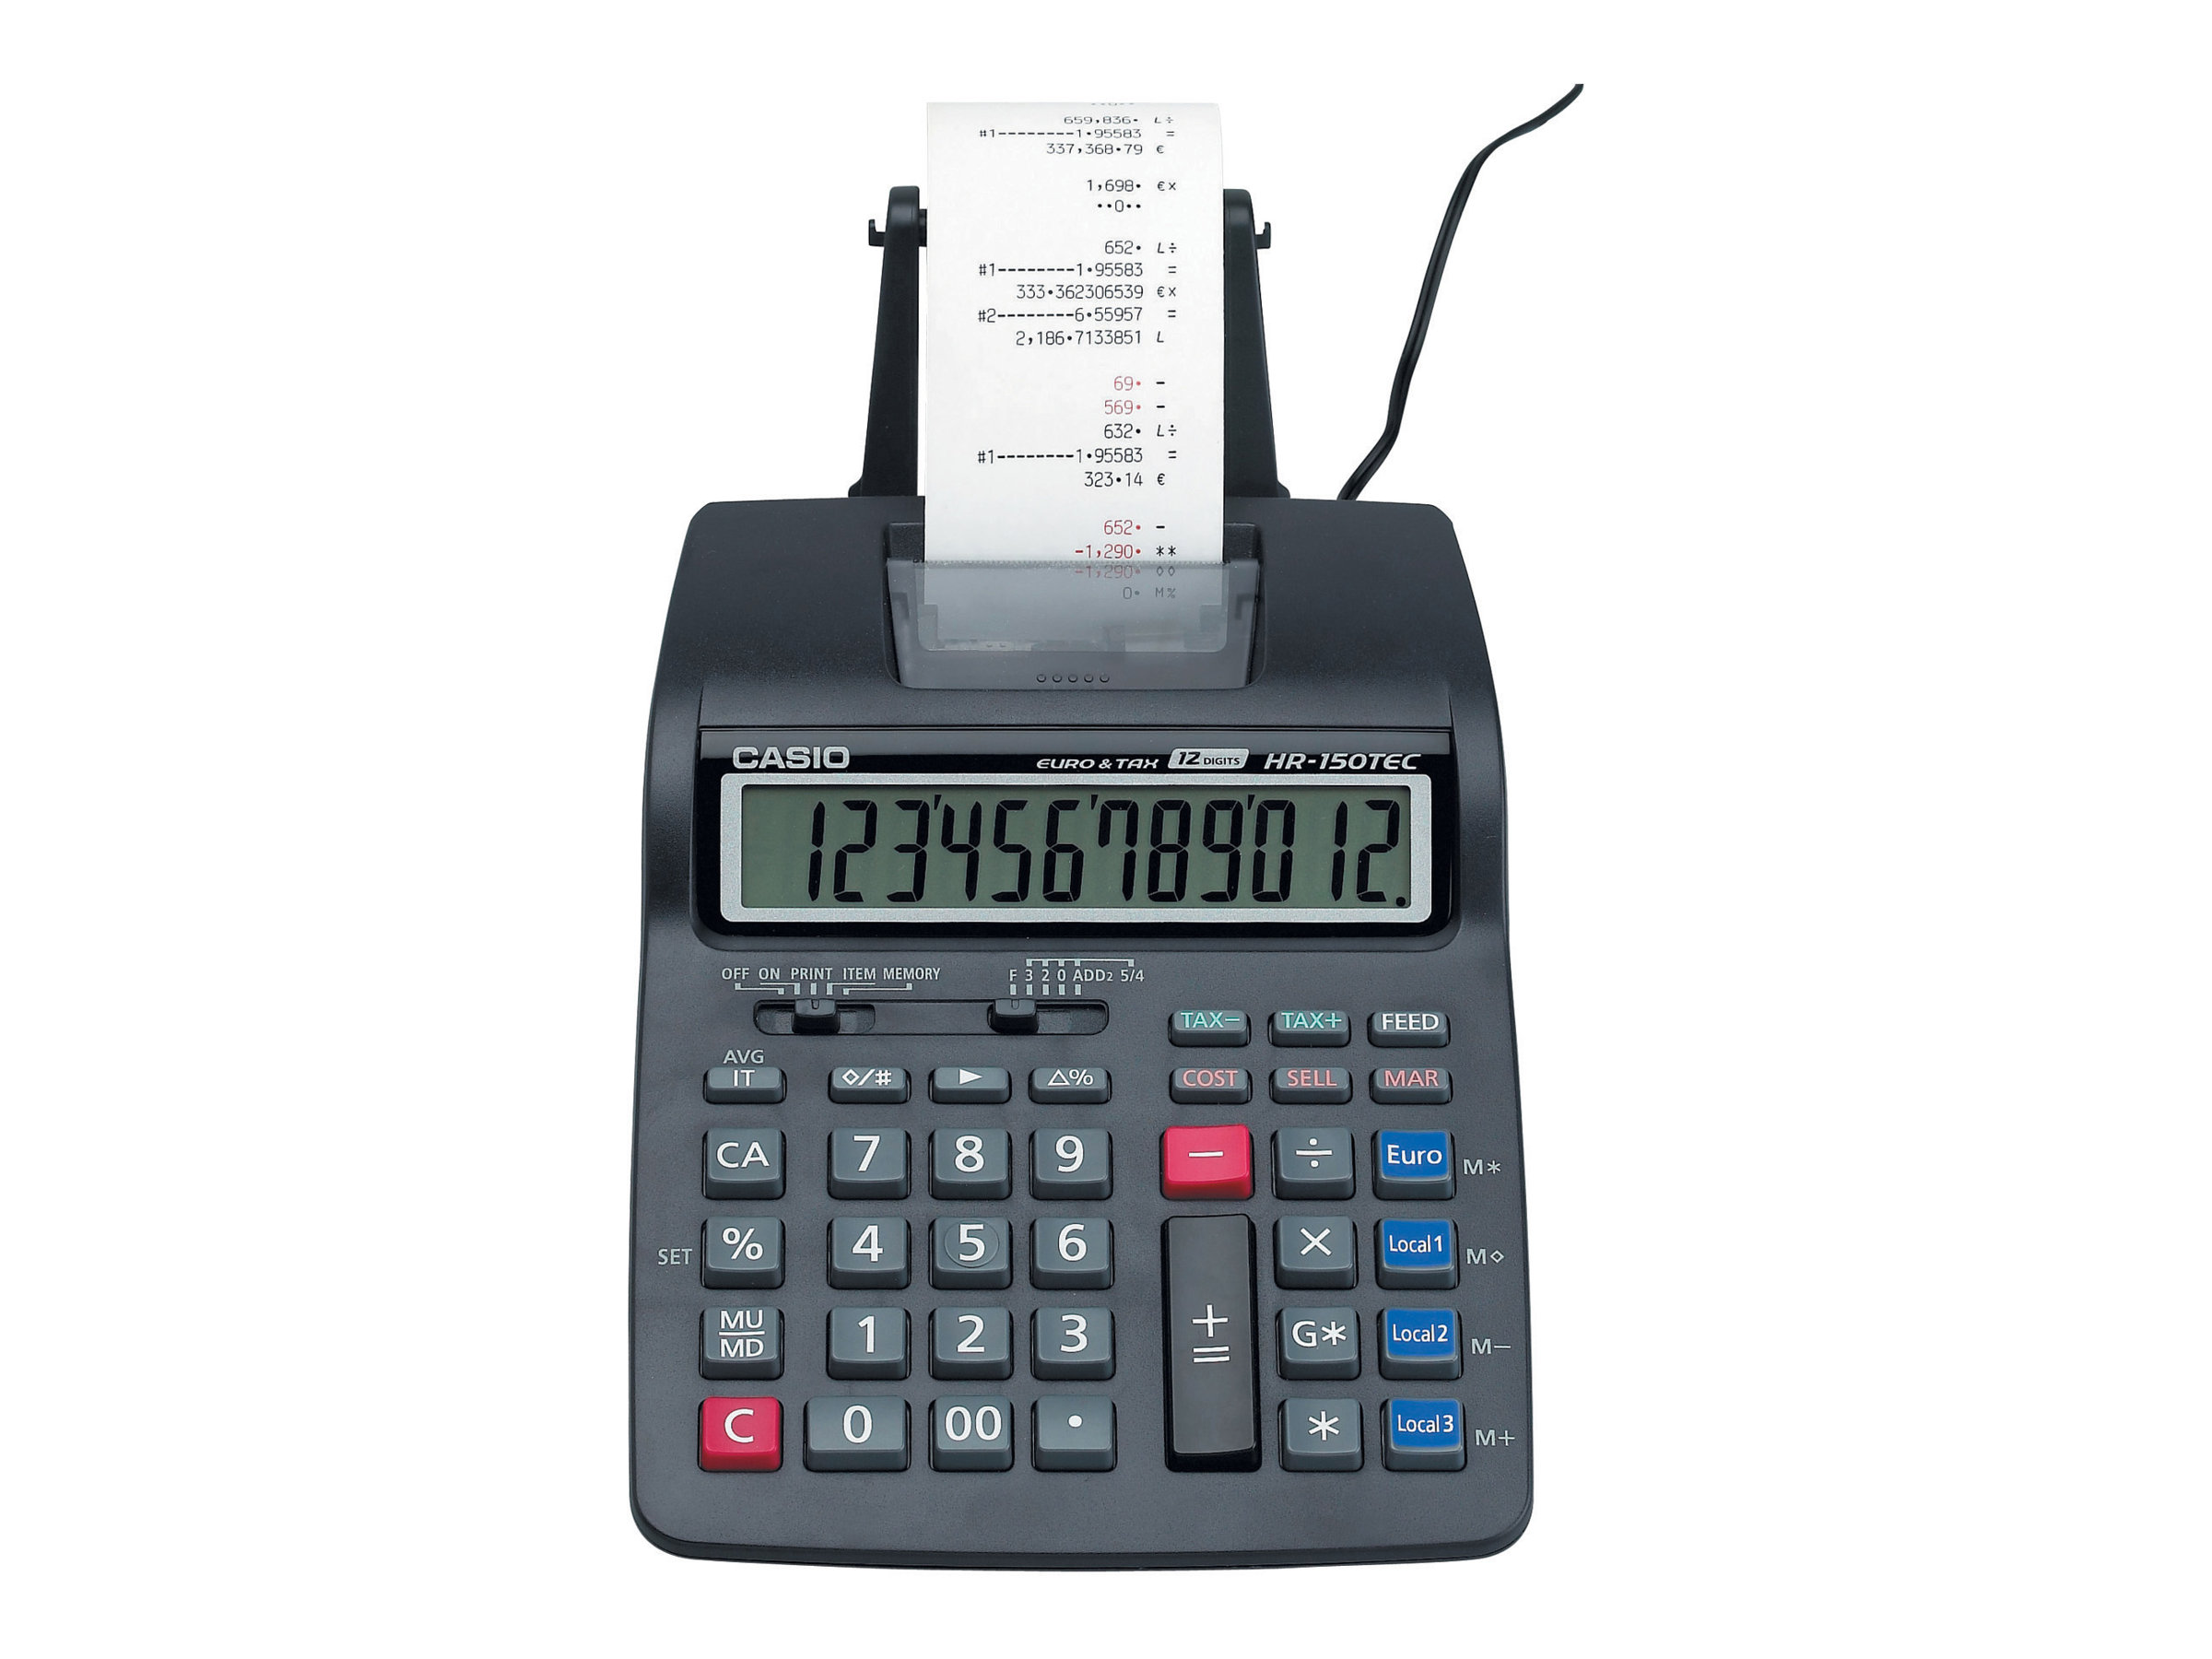 casio hr 150tec calculatrice avec imprimante lcd 12 chiffres avec ou sans adaptateur. Black Bedroom Furniture Sets. Home Design Ideas